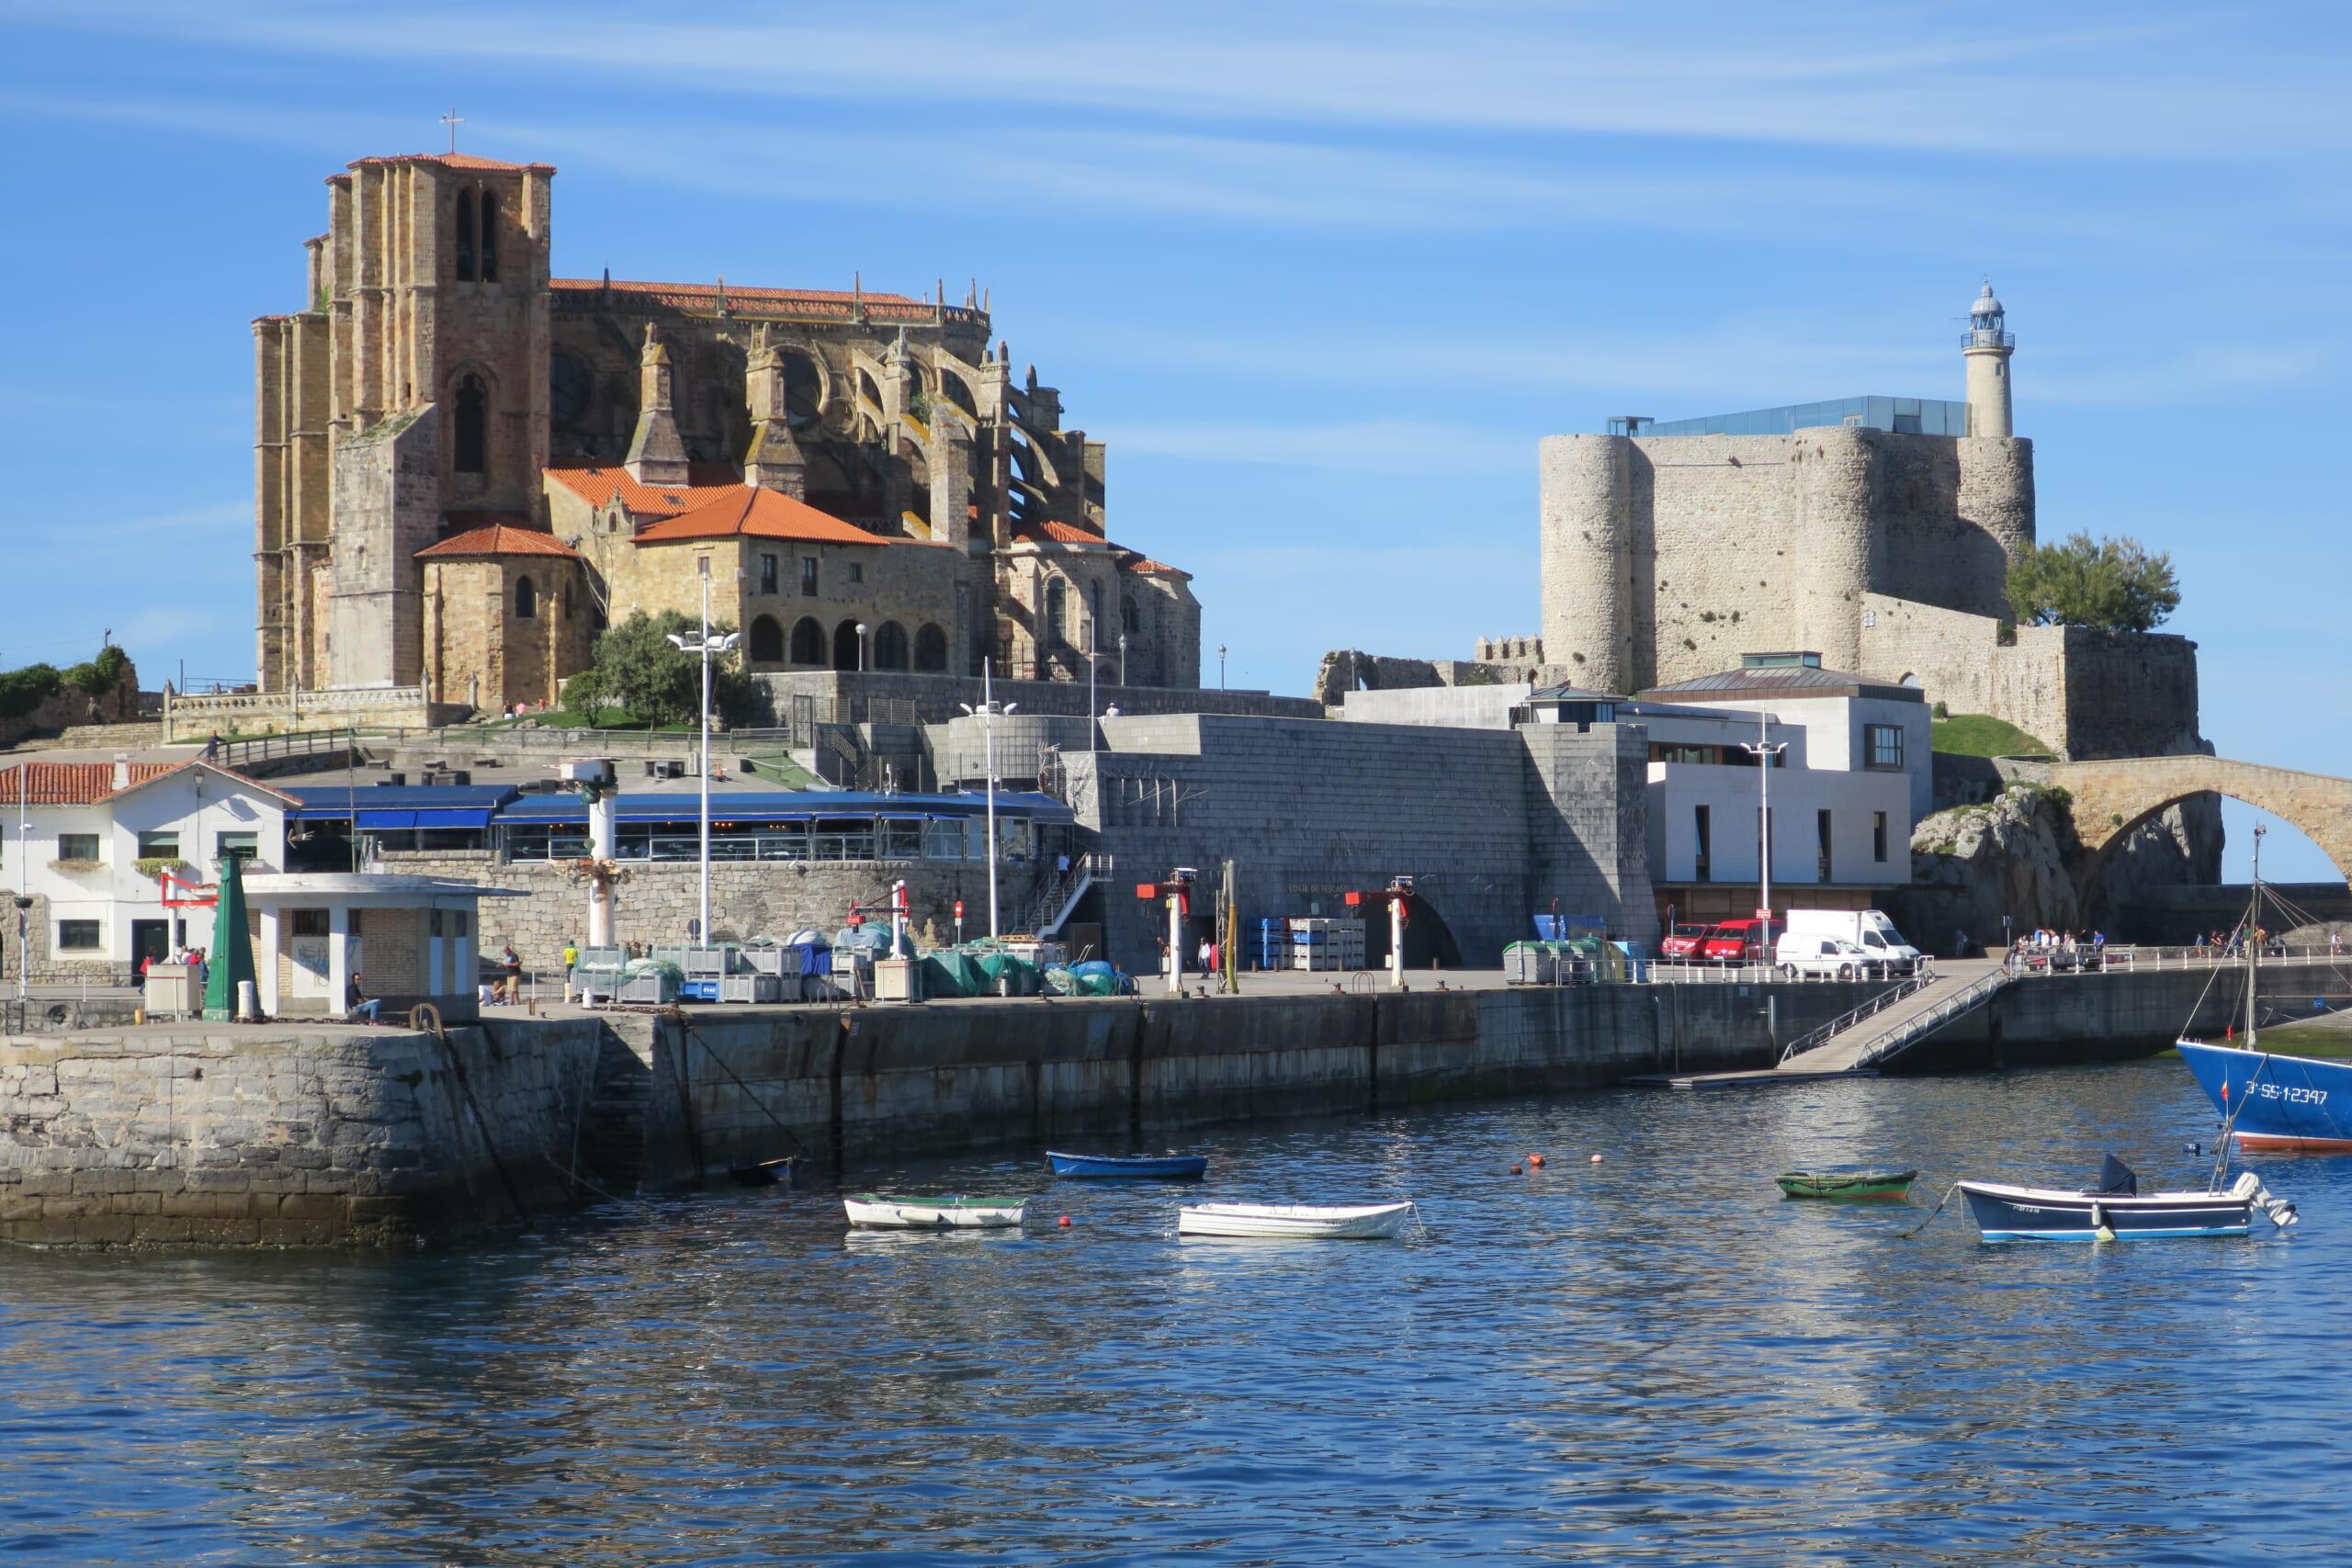 北スペインの観光地であるカンタブリアのカストロ・ウルディアレス